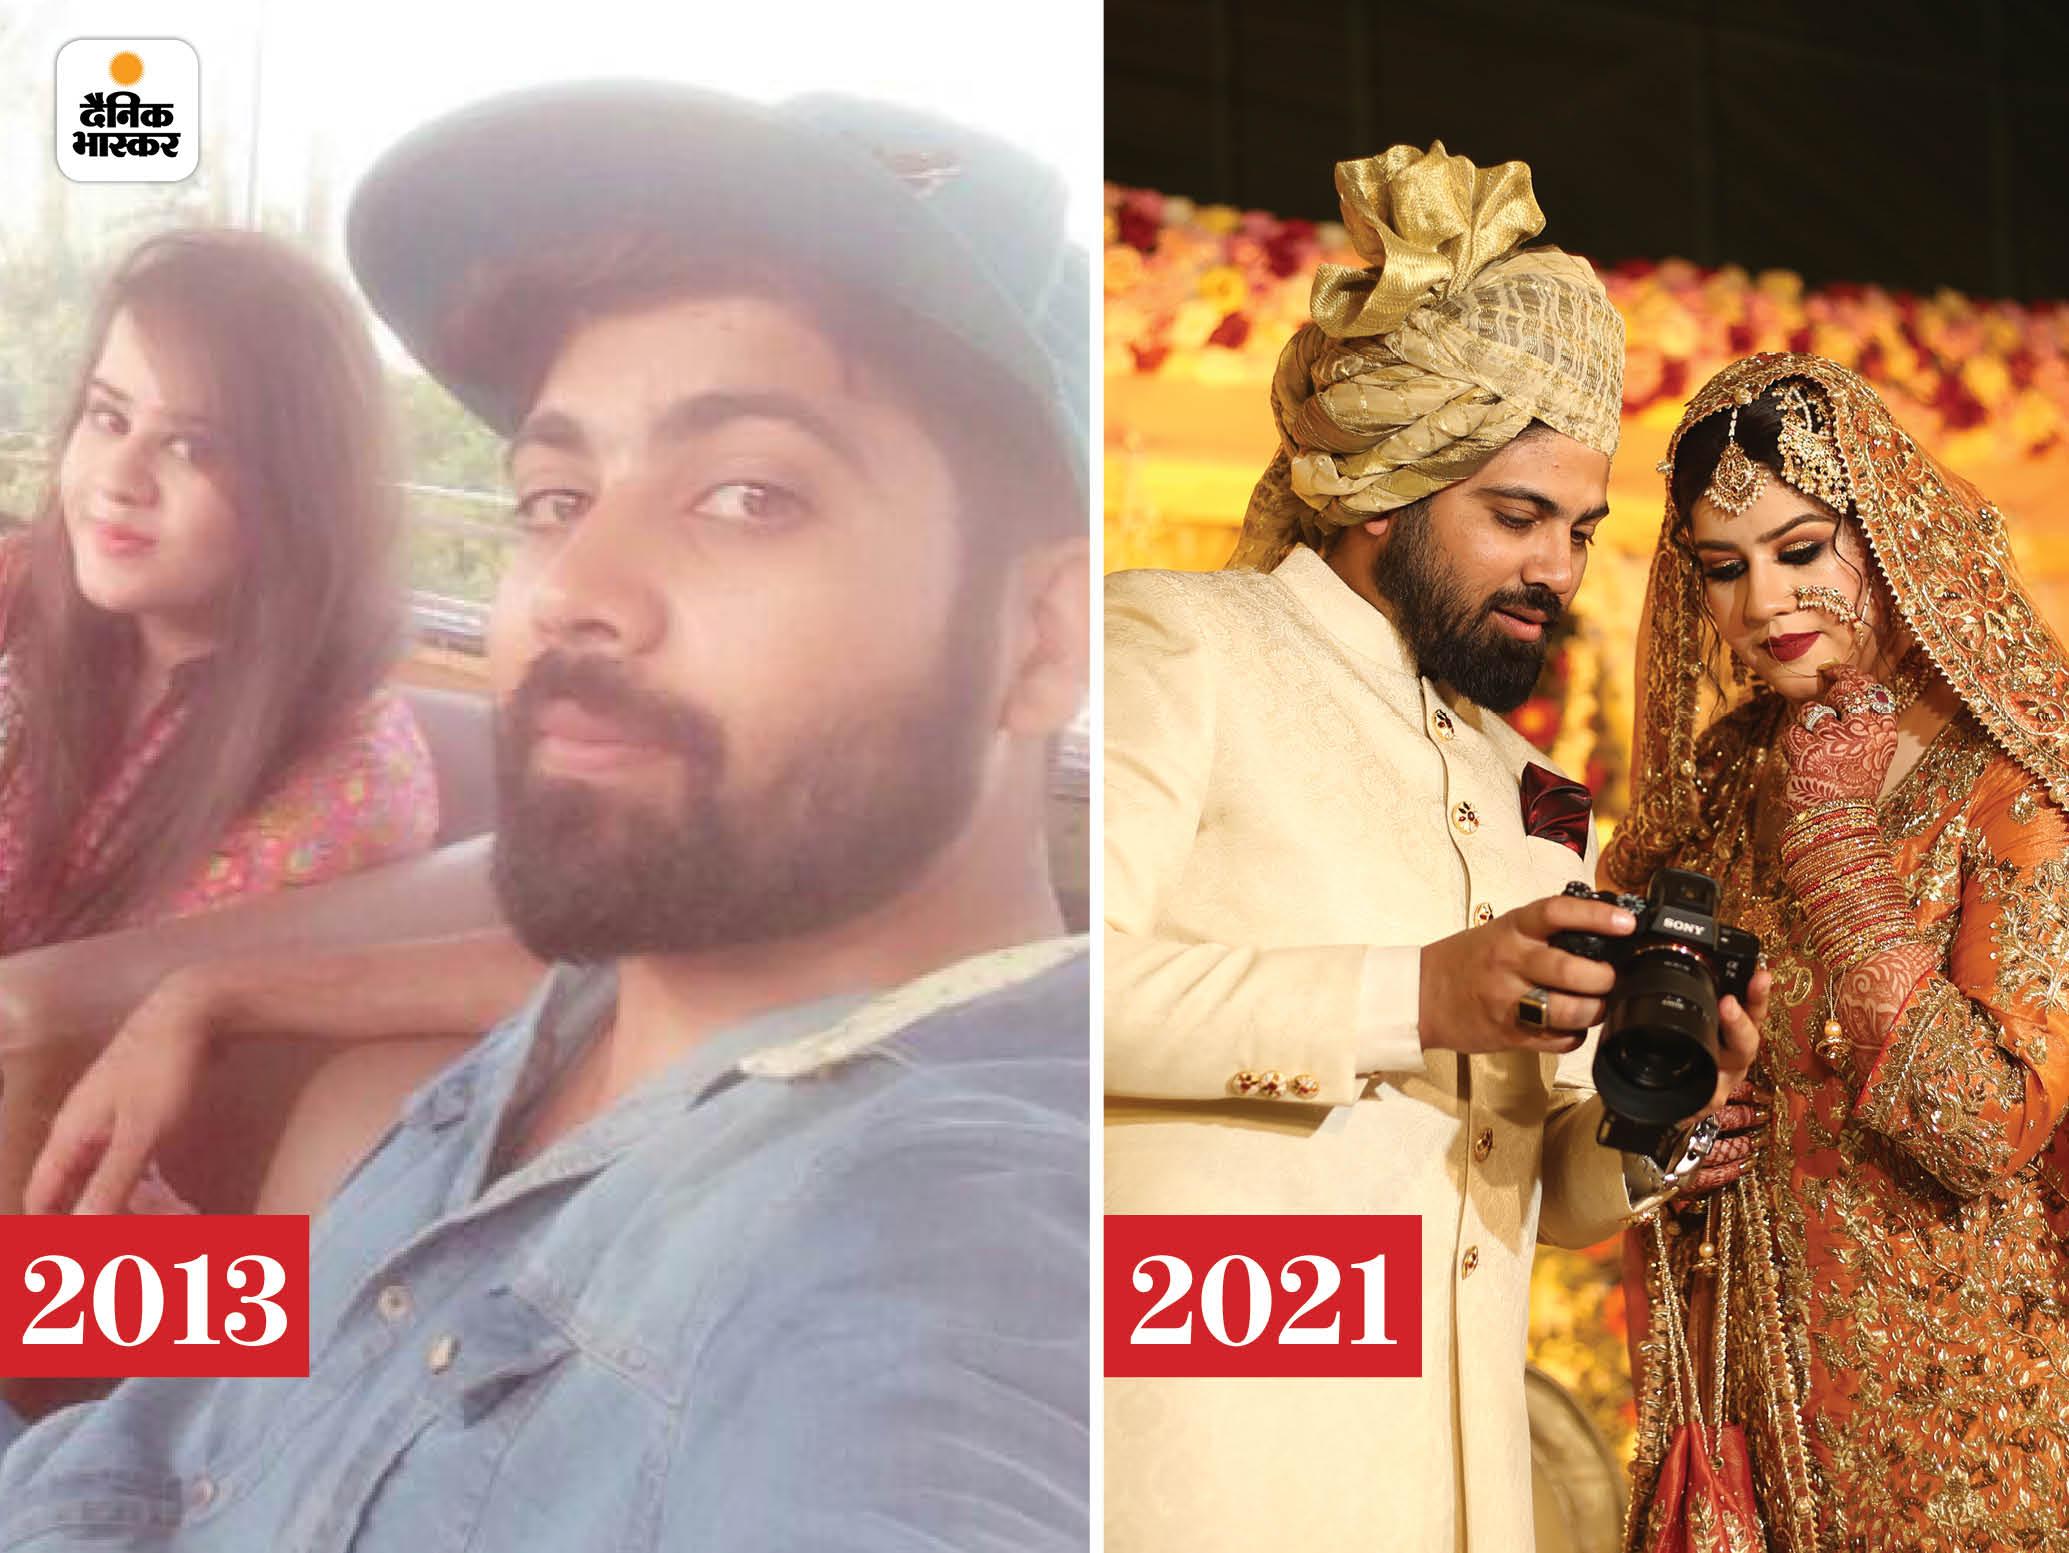 पहली फोटो उस वक्त की है जब तारिक और हीरा के बीच दोस्ती हुई थी। दूसरी फाेटो इसी महीने हुए शादी के कार्यक्रम की है।